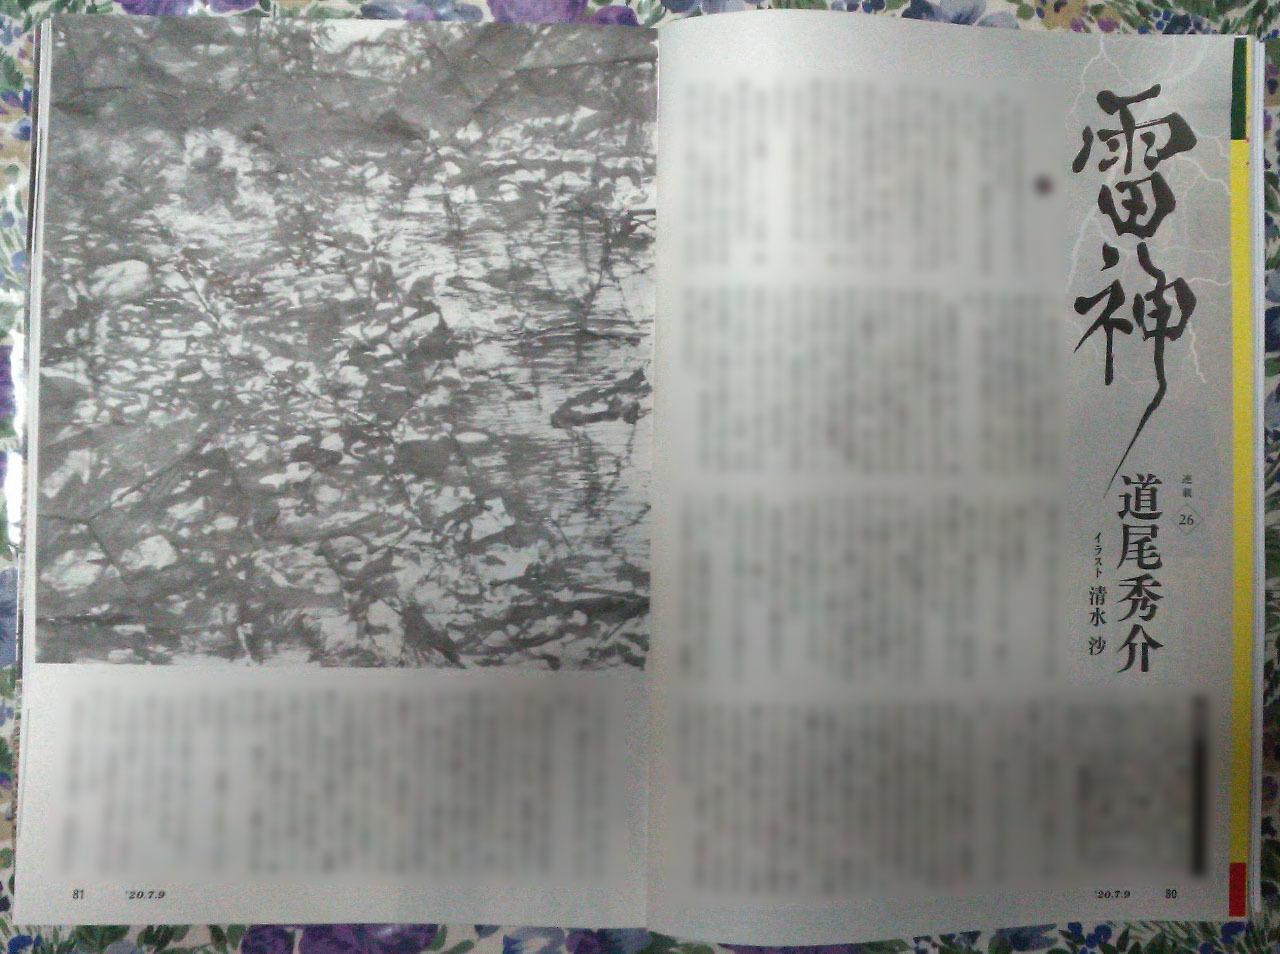 週刊新潮「雷神」挿絵 第26回_b0136144_22053090.jpg